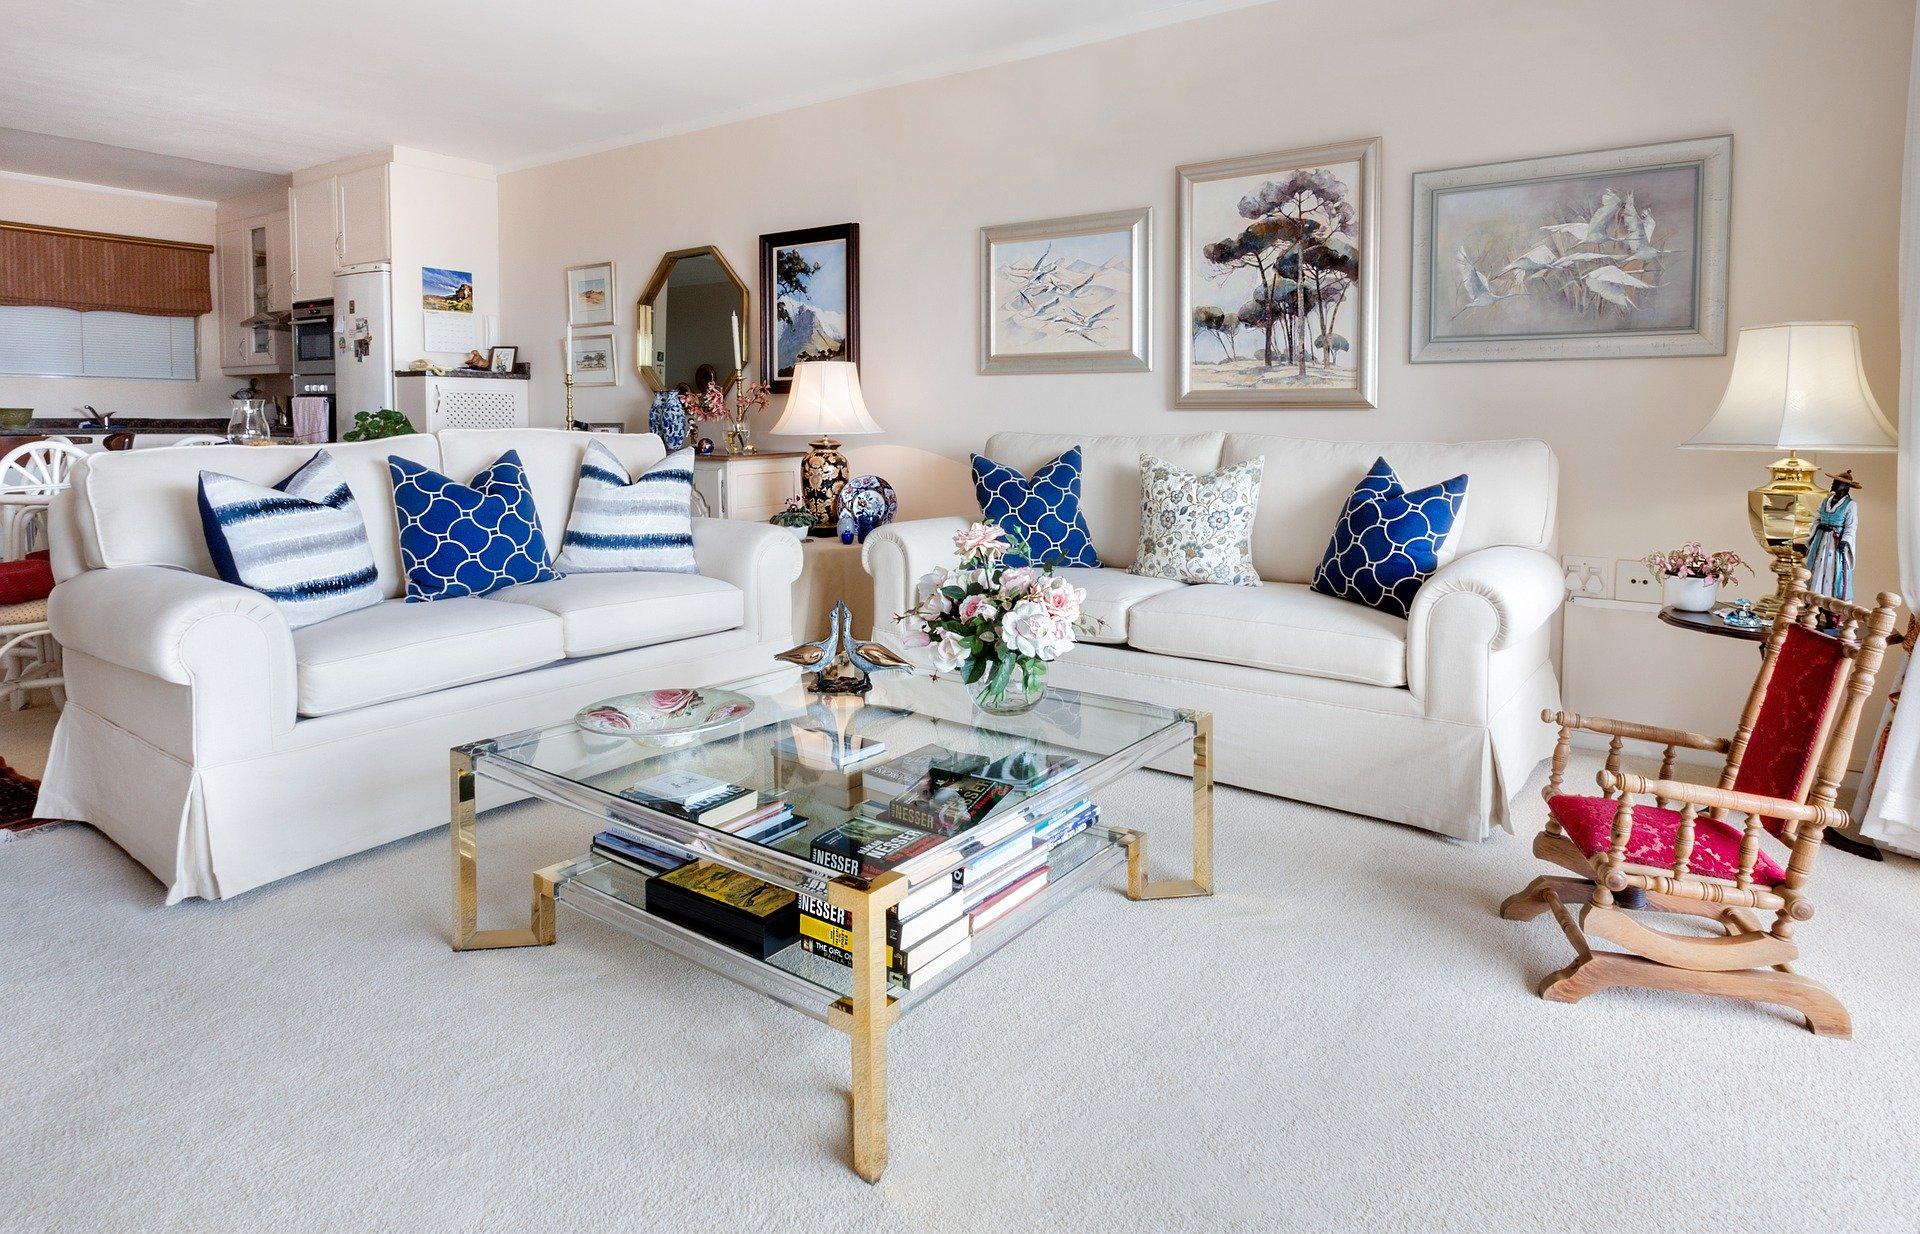 客厅沙发选择什么材质的沙发最为实用?